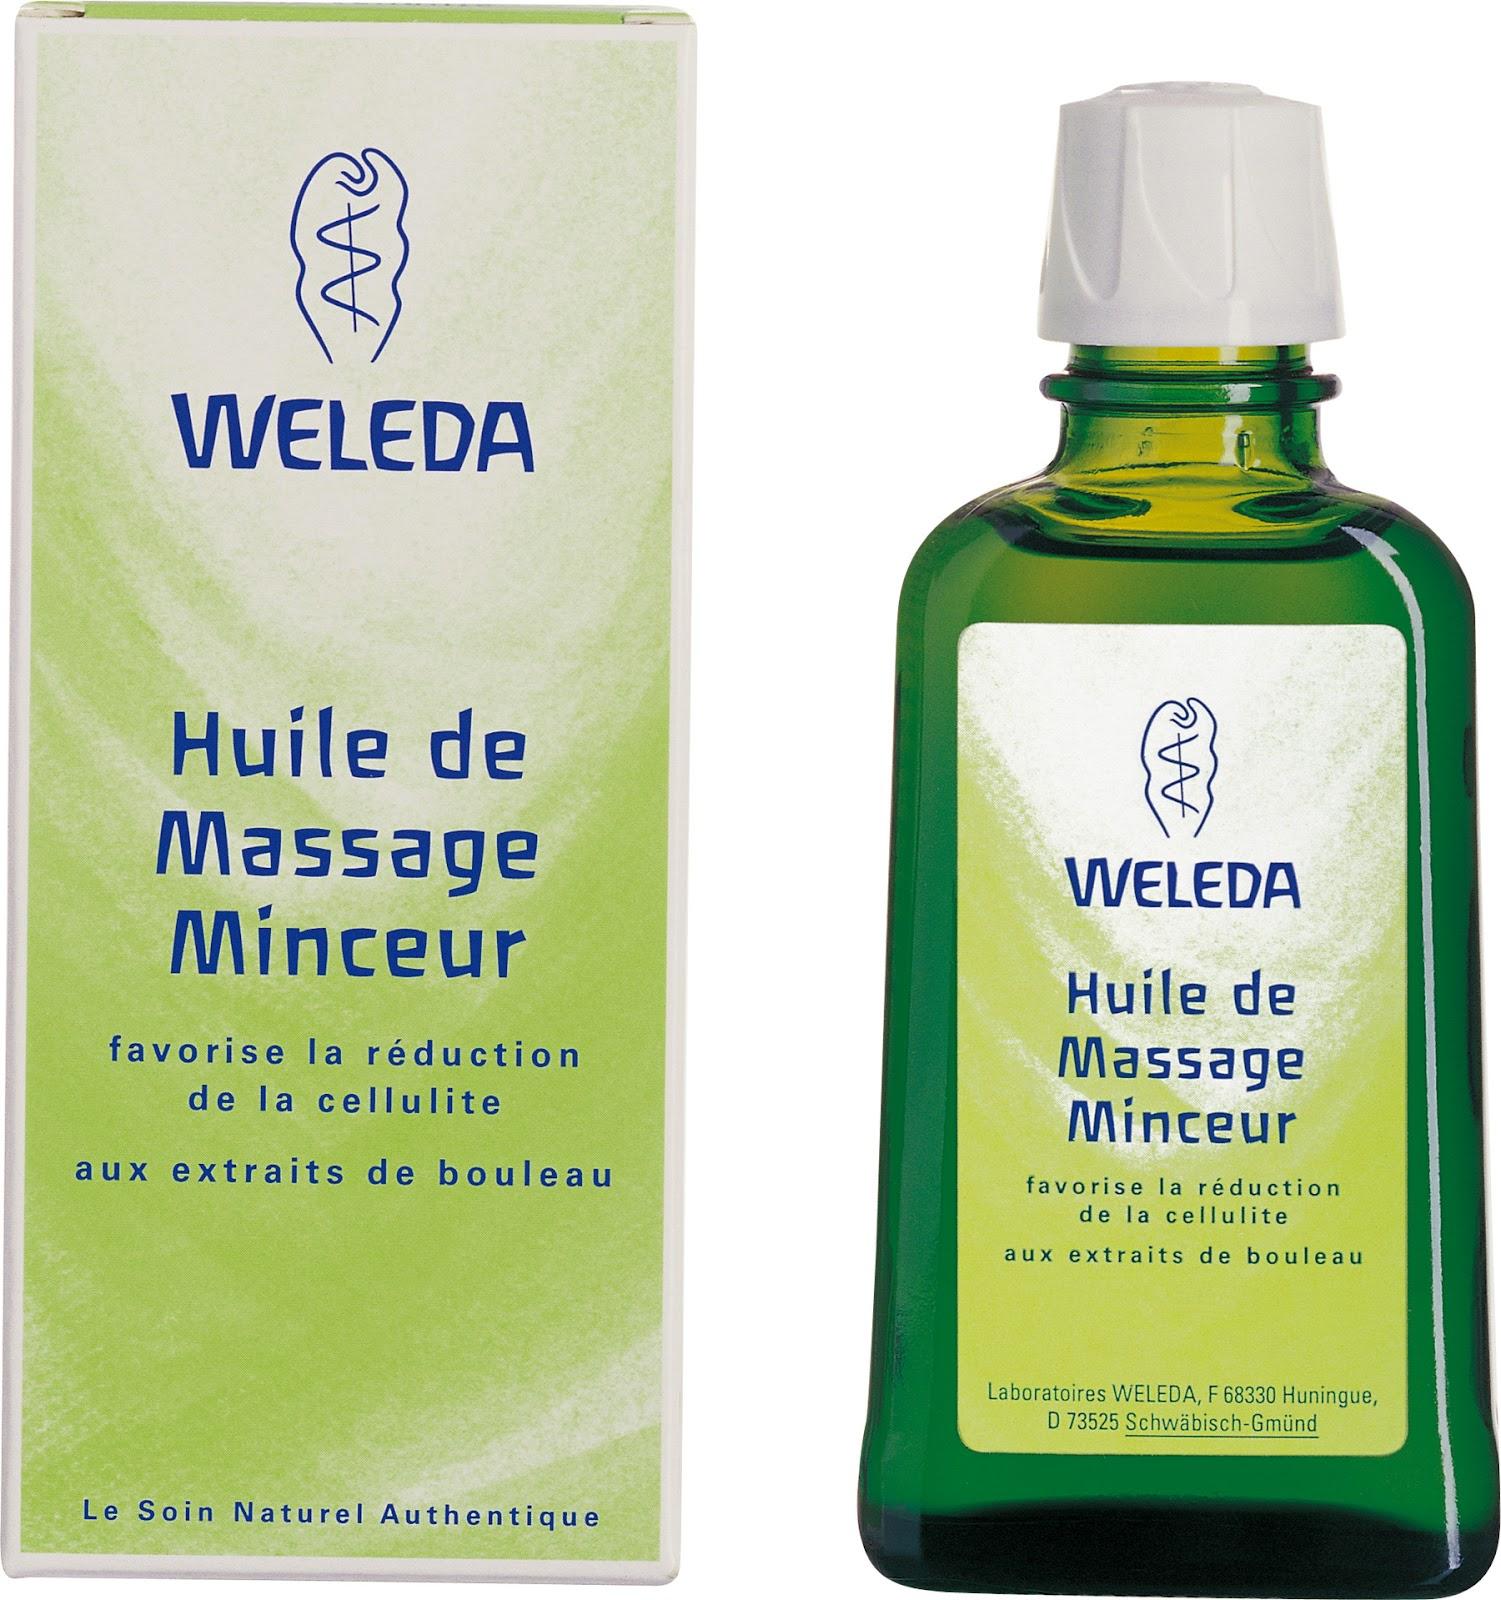 Les huiles de massage Weleda